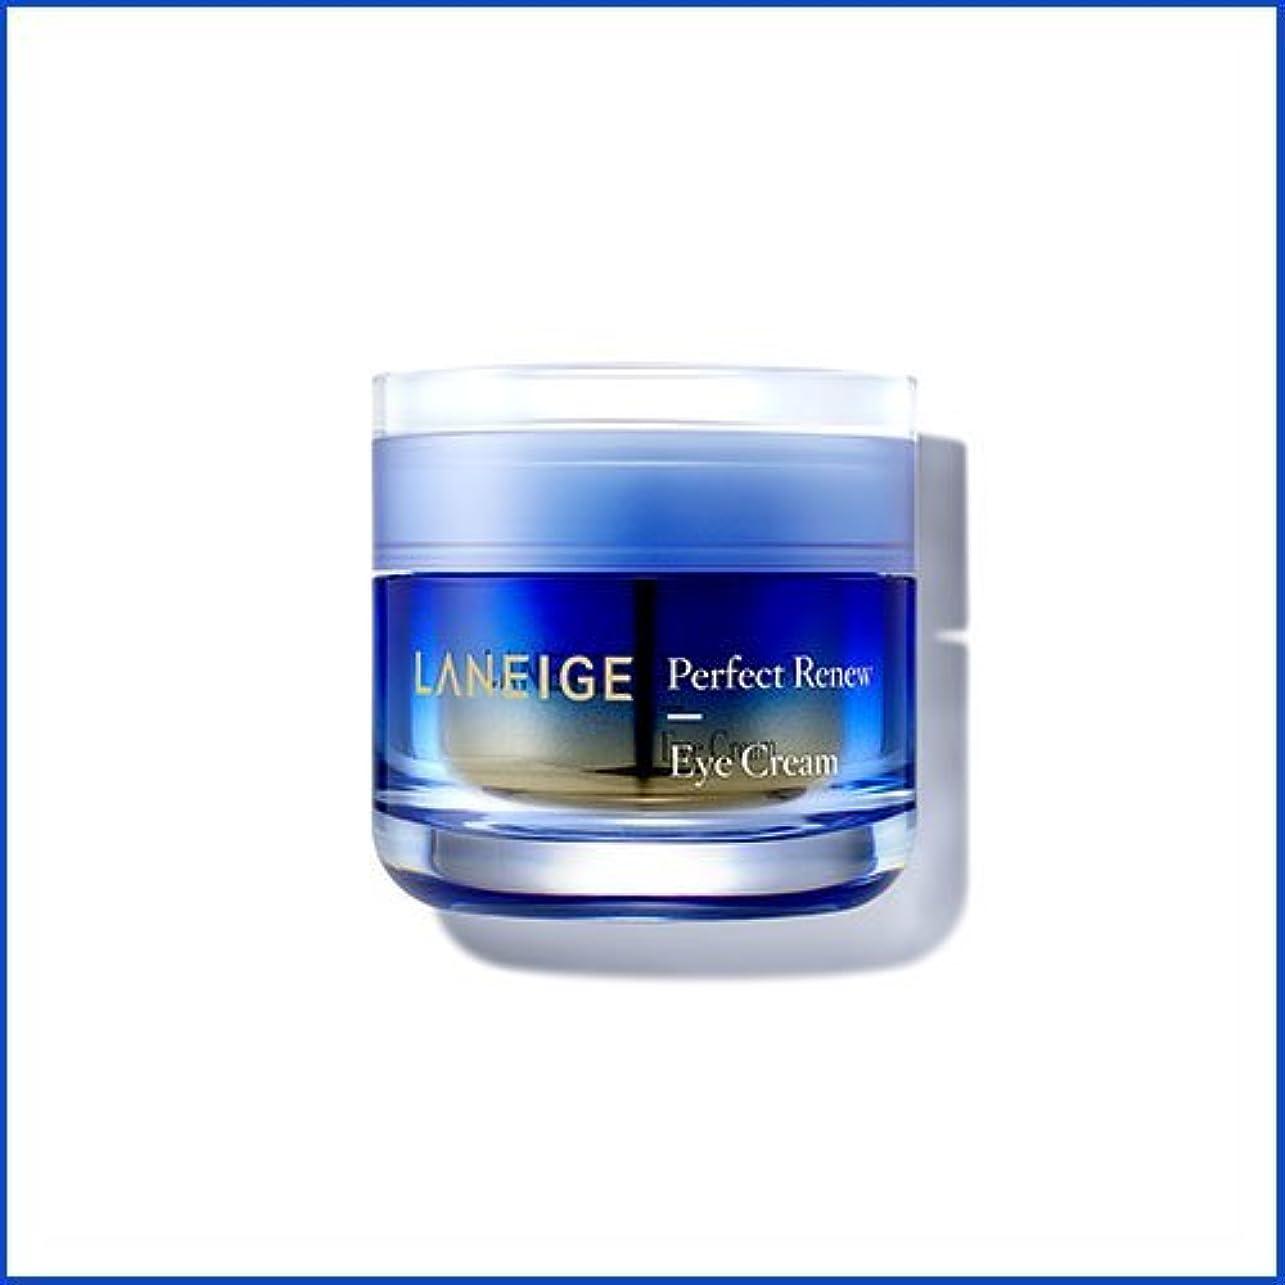 北米却下するバター【ラネージュ】【LANEIGE】【韓国コスメ】【アイクリーム 】 パーフェクト リニュー アイ クリーム 20ml Perfect Renew Eye Cream [並行輸入品]